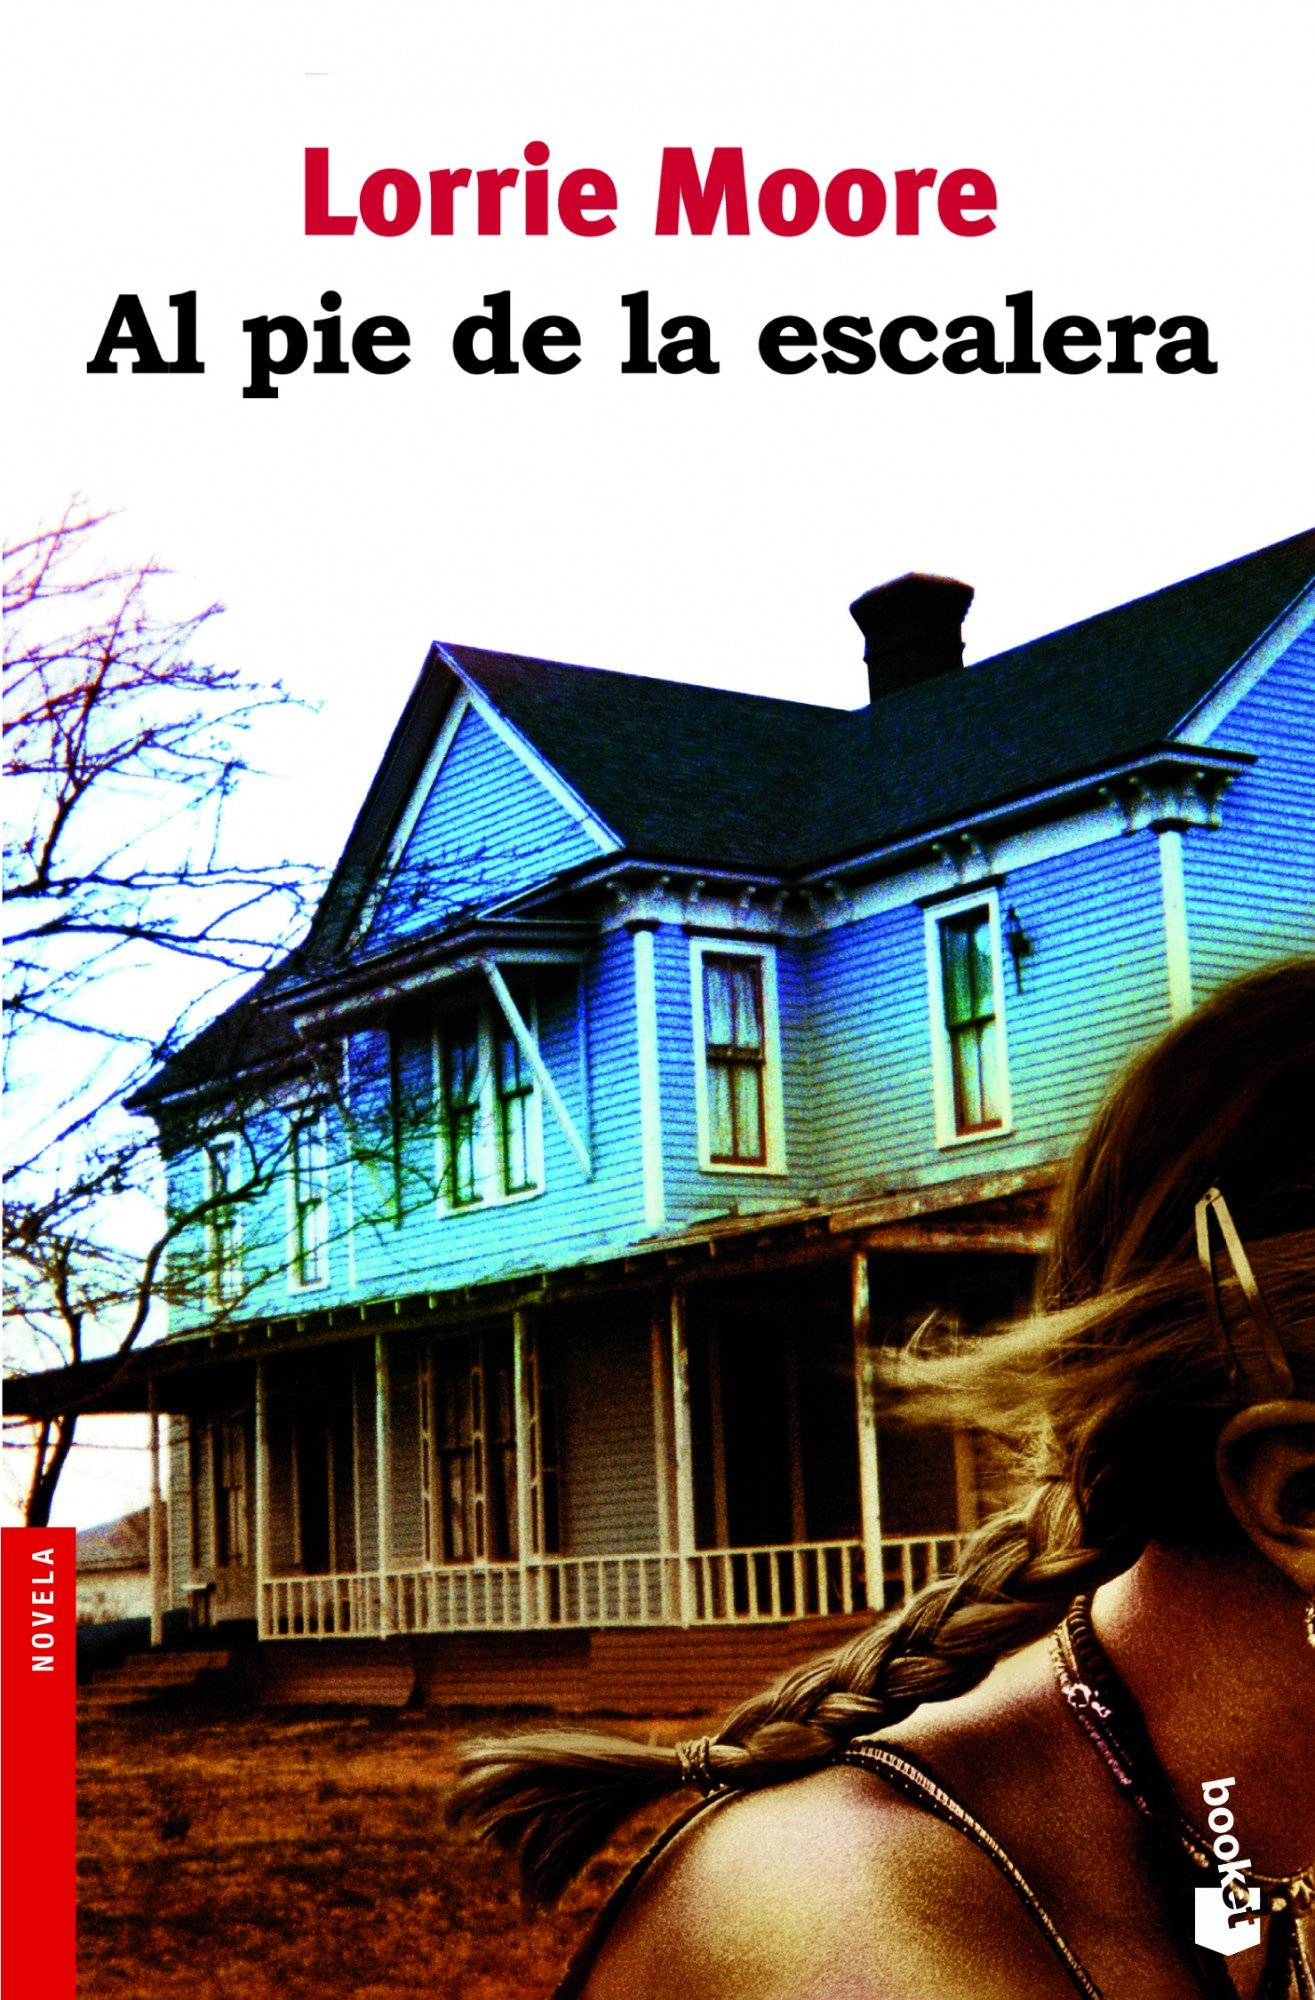 Al pie de la escalera (NF Novela): Amazon.es: Moore, Lorrie, Domínguez Montero, Francisco: Libros